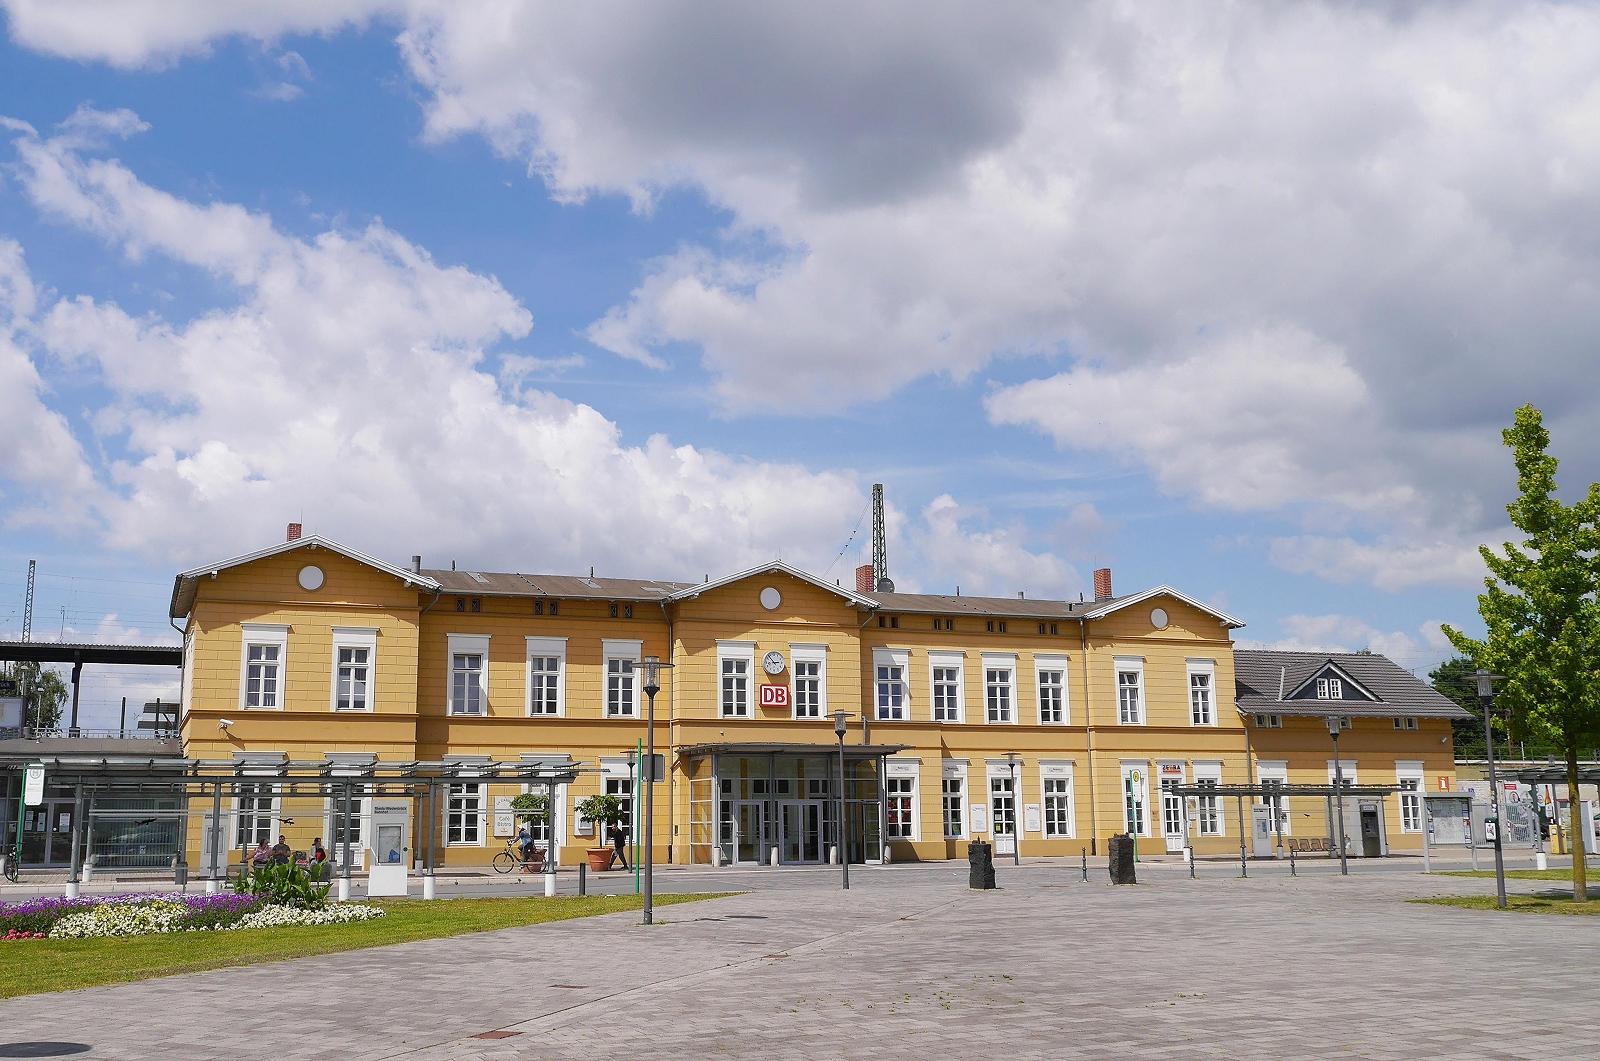 a date Rheda-Wiedenbrück